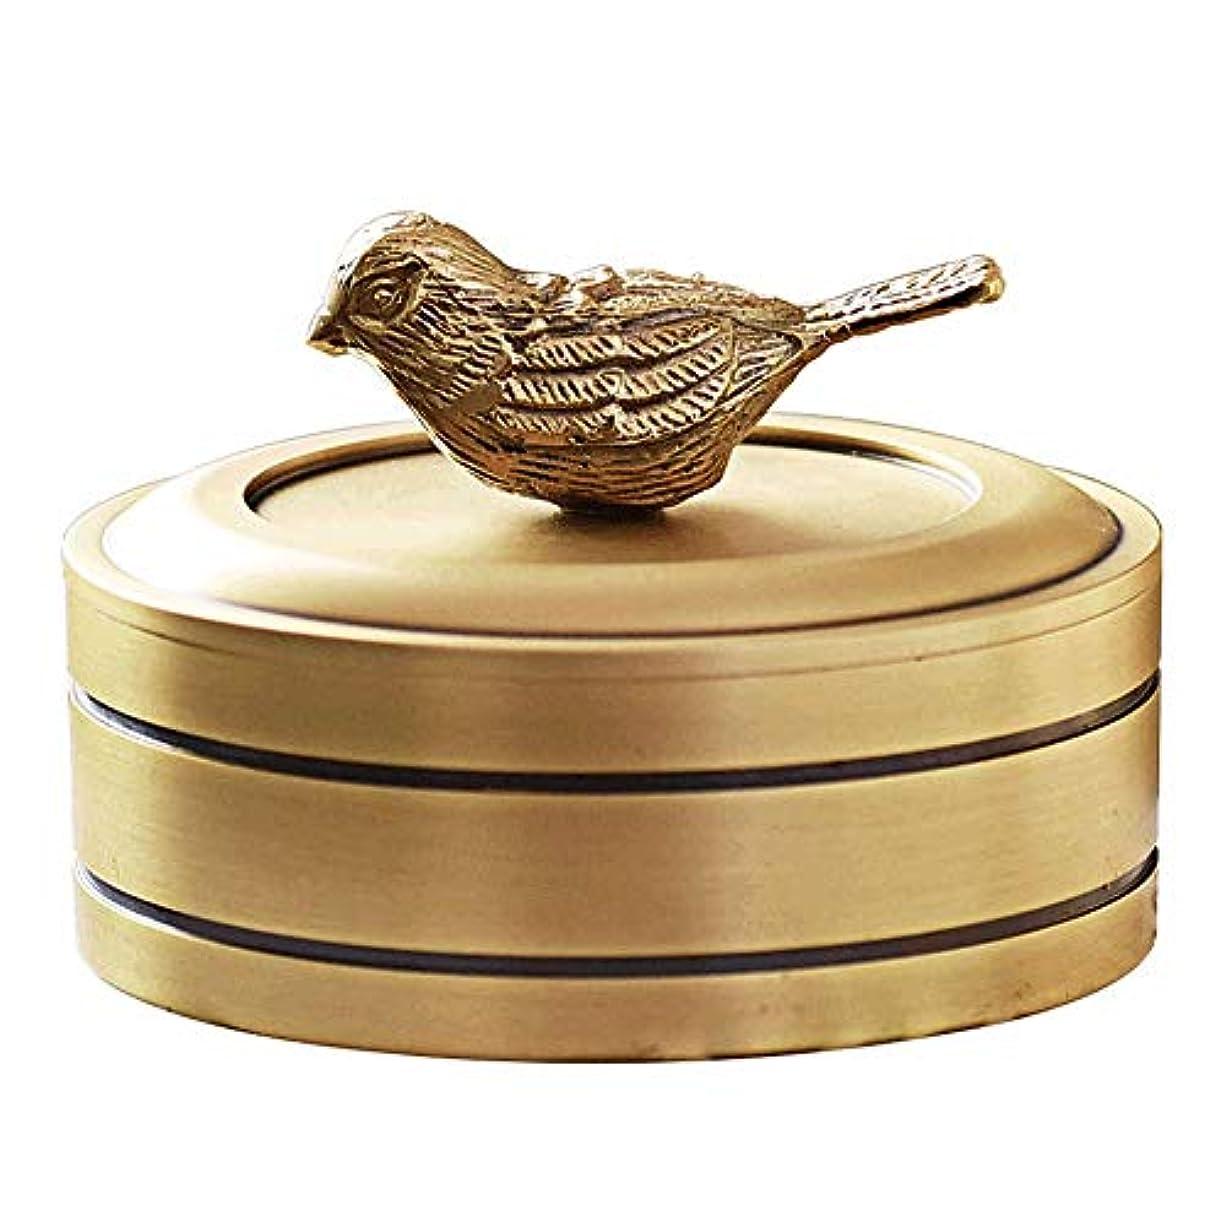 ヒロイック核生態学銅の宝石箱ファッションギフトリビングルームホームデコレーション装飾品でカバー純粋な銅灰皿